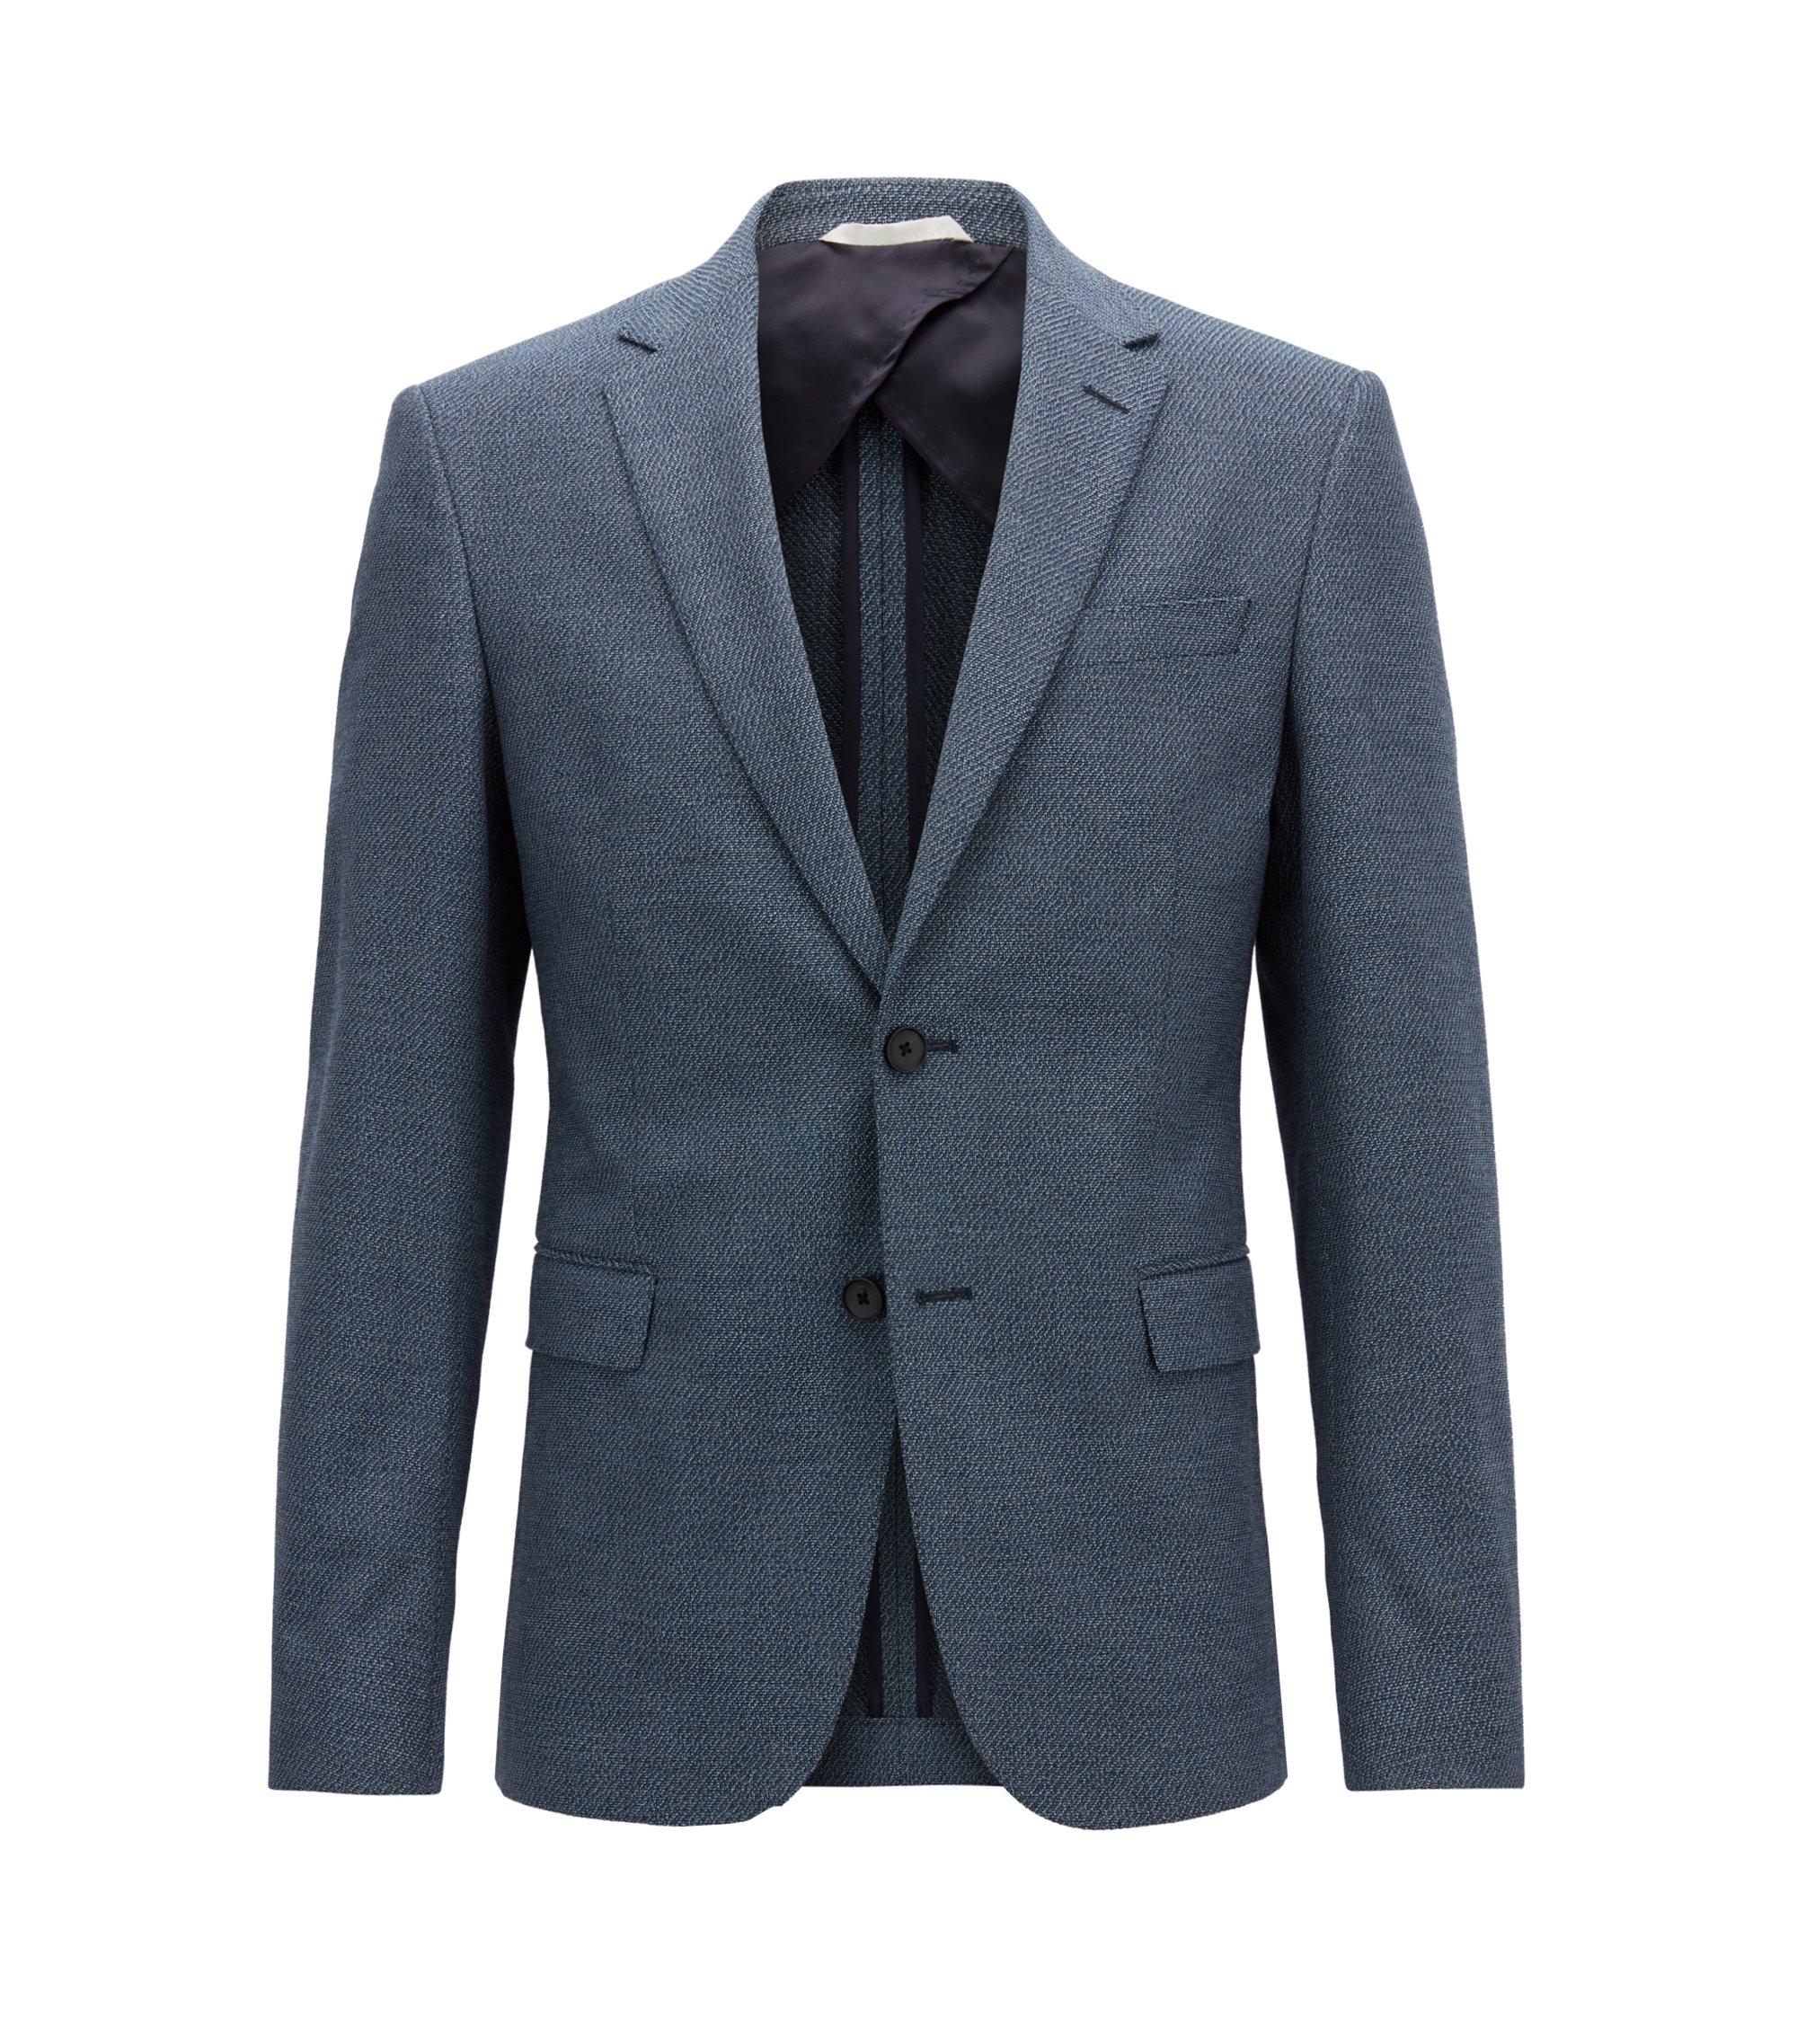 Blazer slim fit in cotone elasticizzato con microdisegni, Blue Scuro